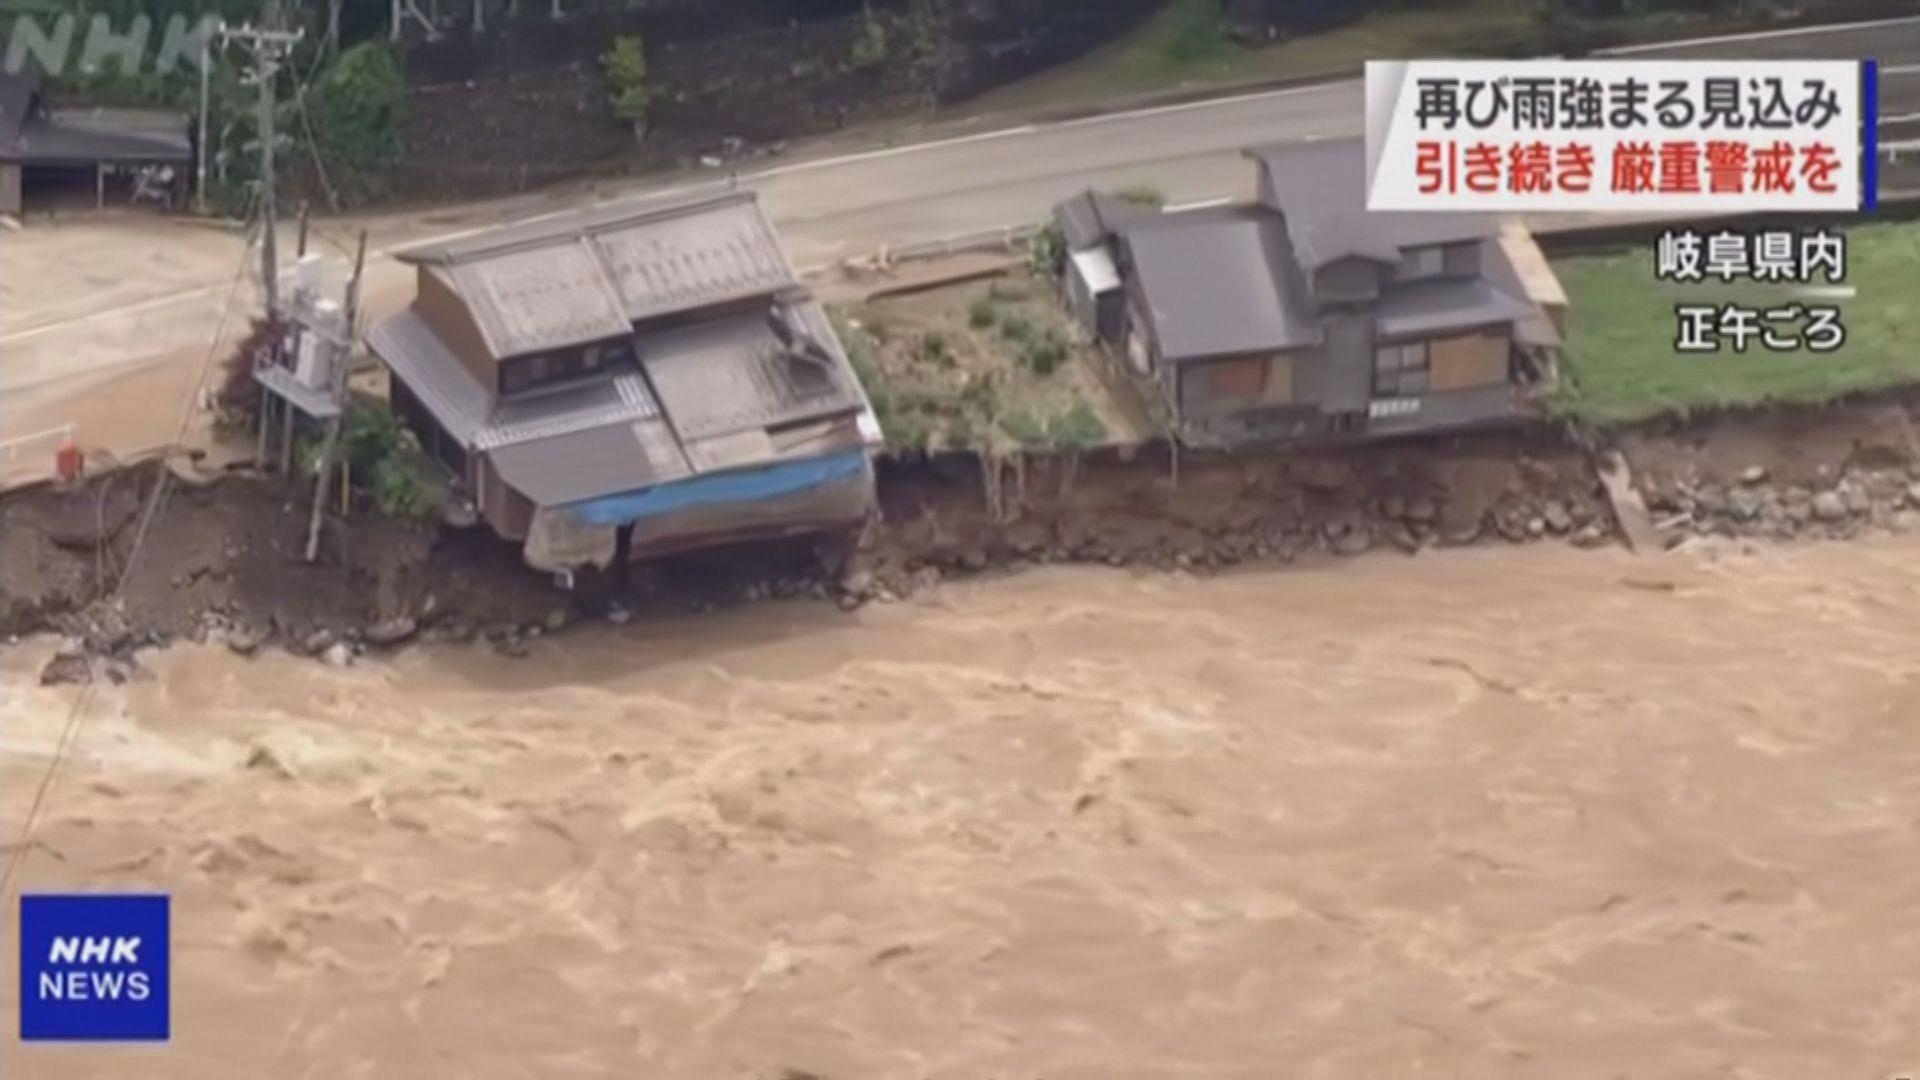 日本中部和西部持續落暴雨 最少58人死亡